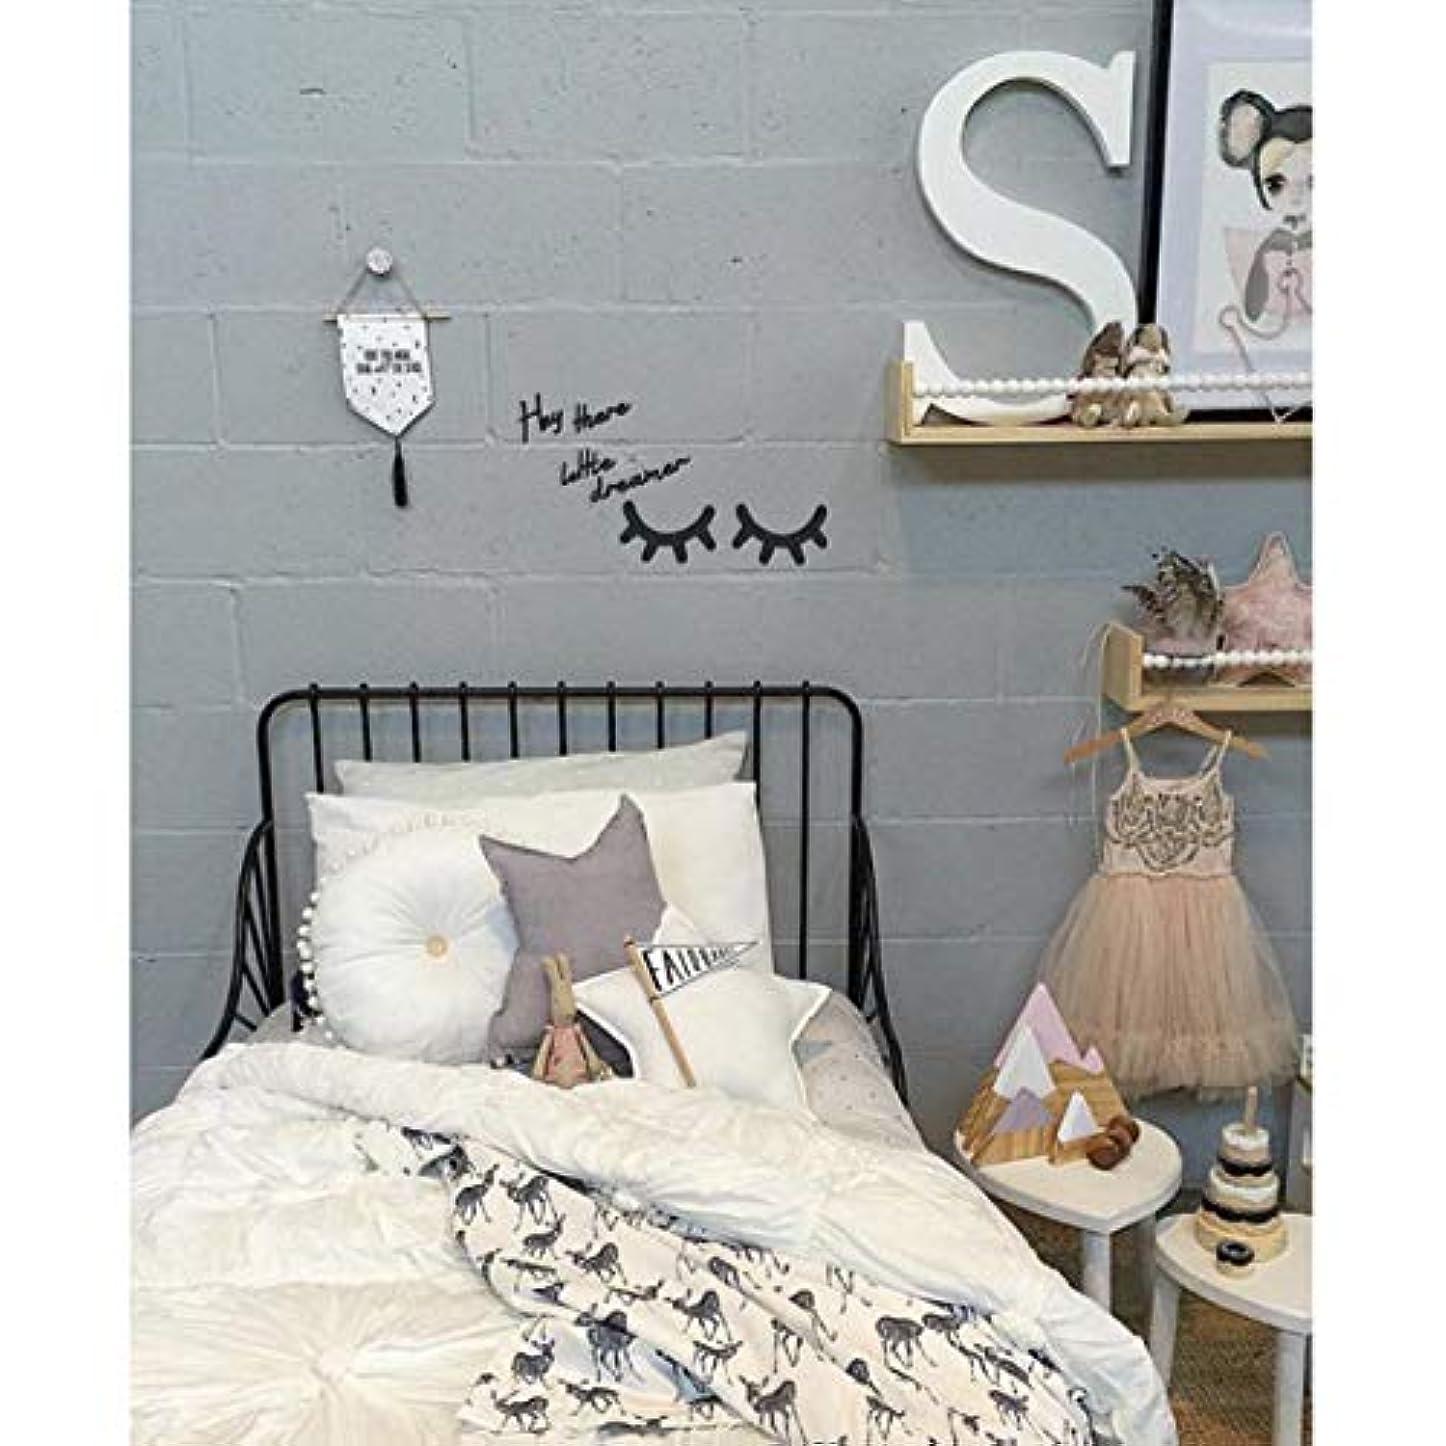 におい寛容先入観Vosarea キラキラ木製まつげパターンウォールステッカー用キッズパーティー寝室の背景部屋の装飾diyまつげパターンウォールステッカーブラック